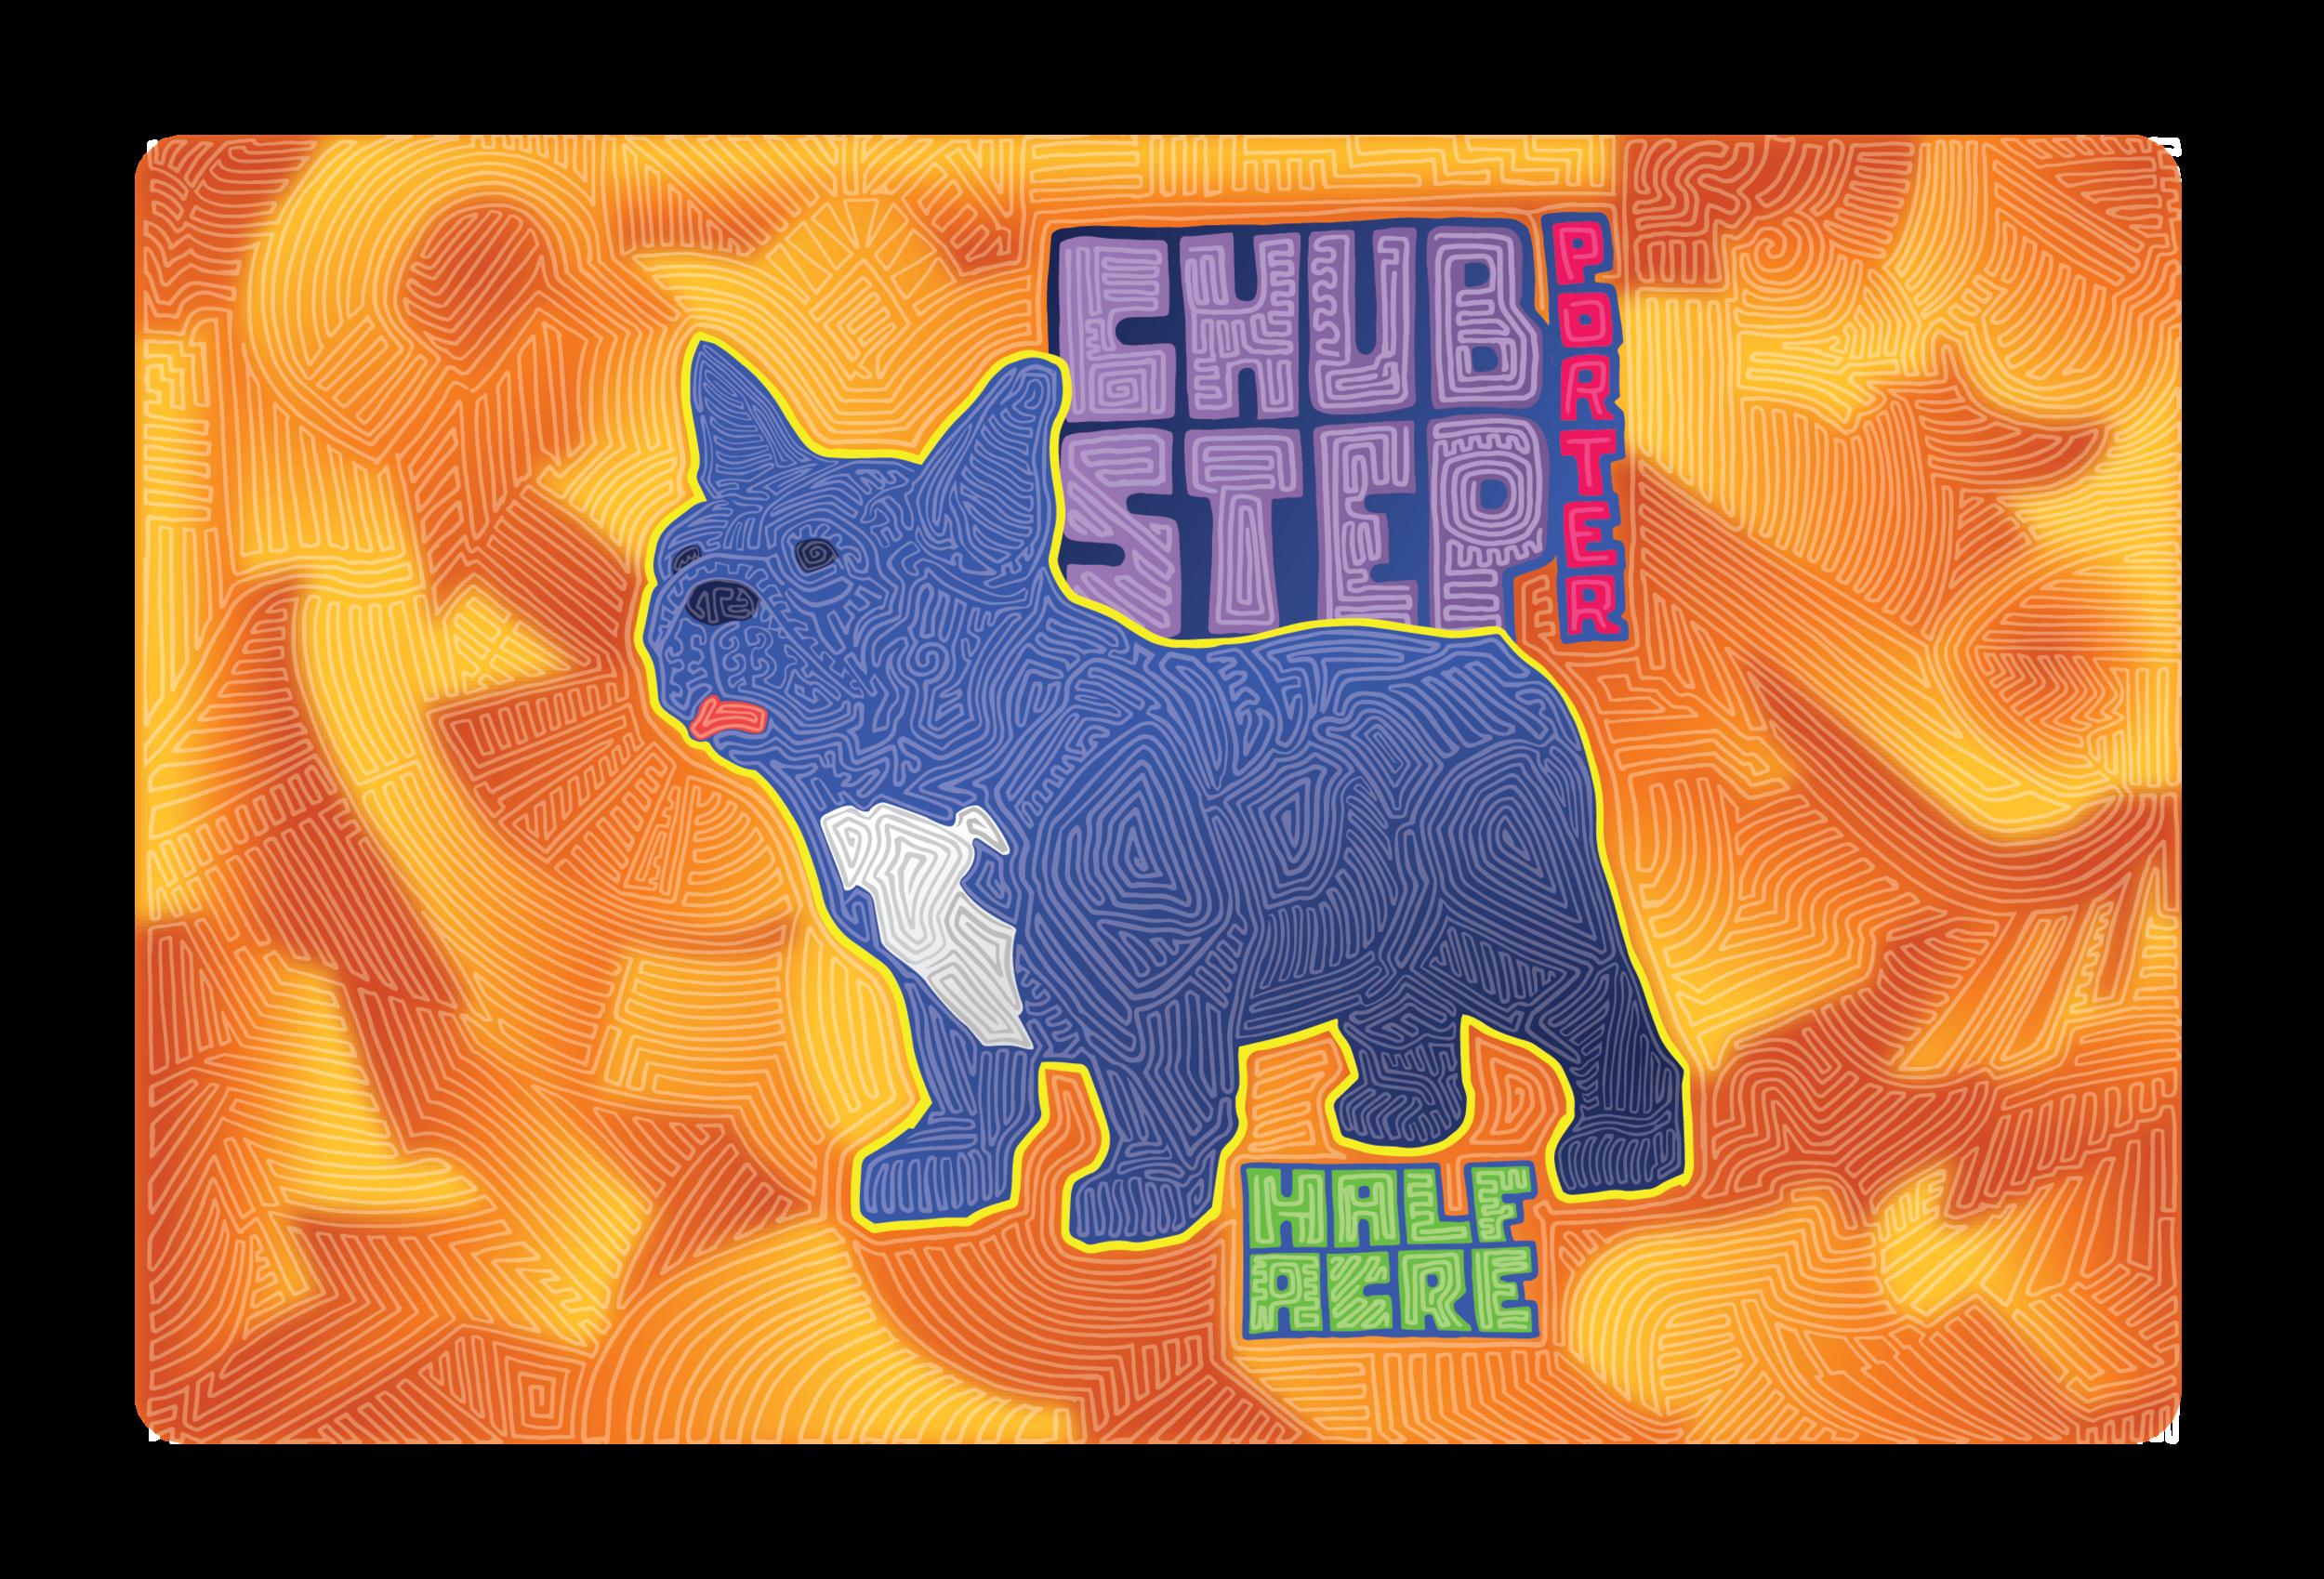 Chub Step-2016-web.png